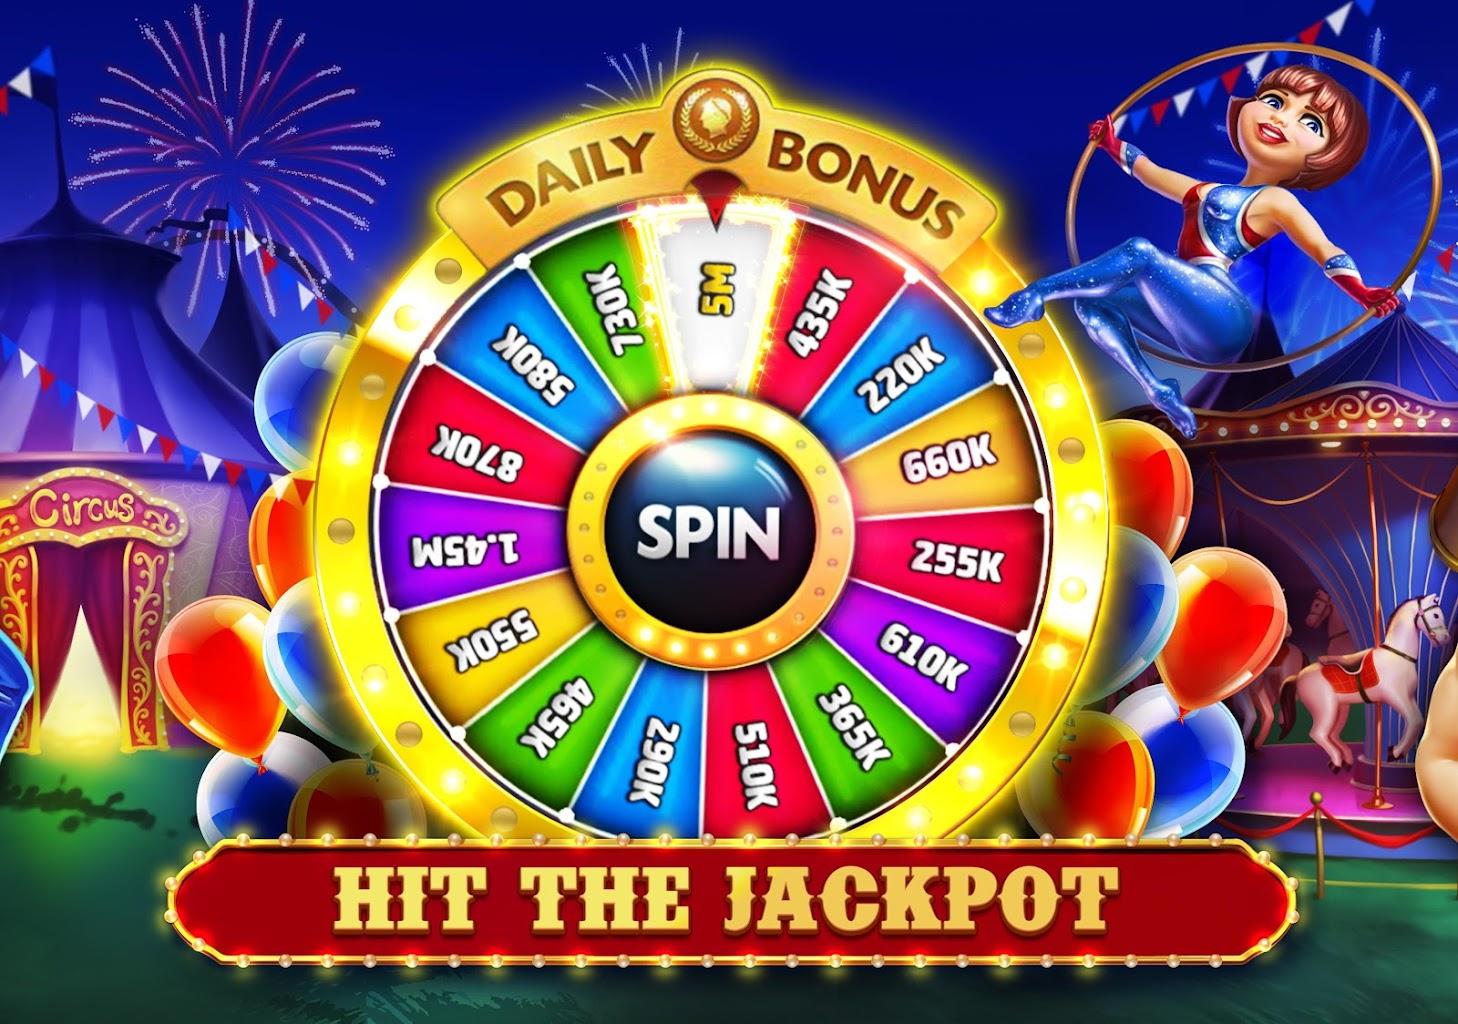 Jackpot magic slots free spins